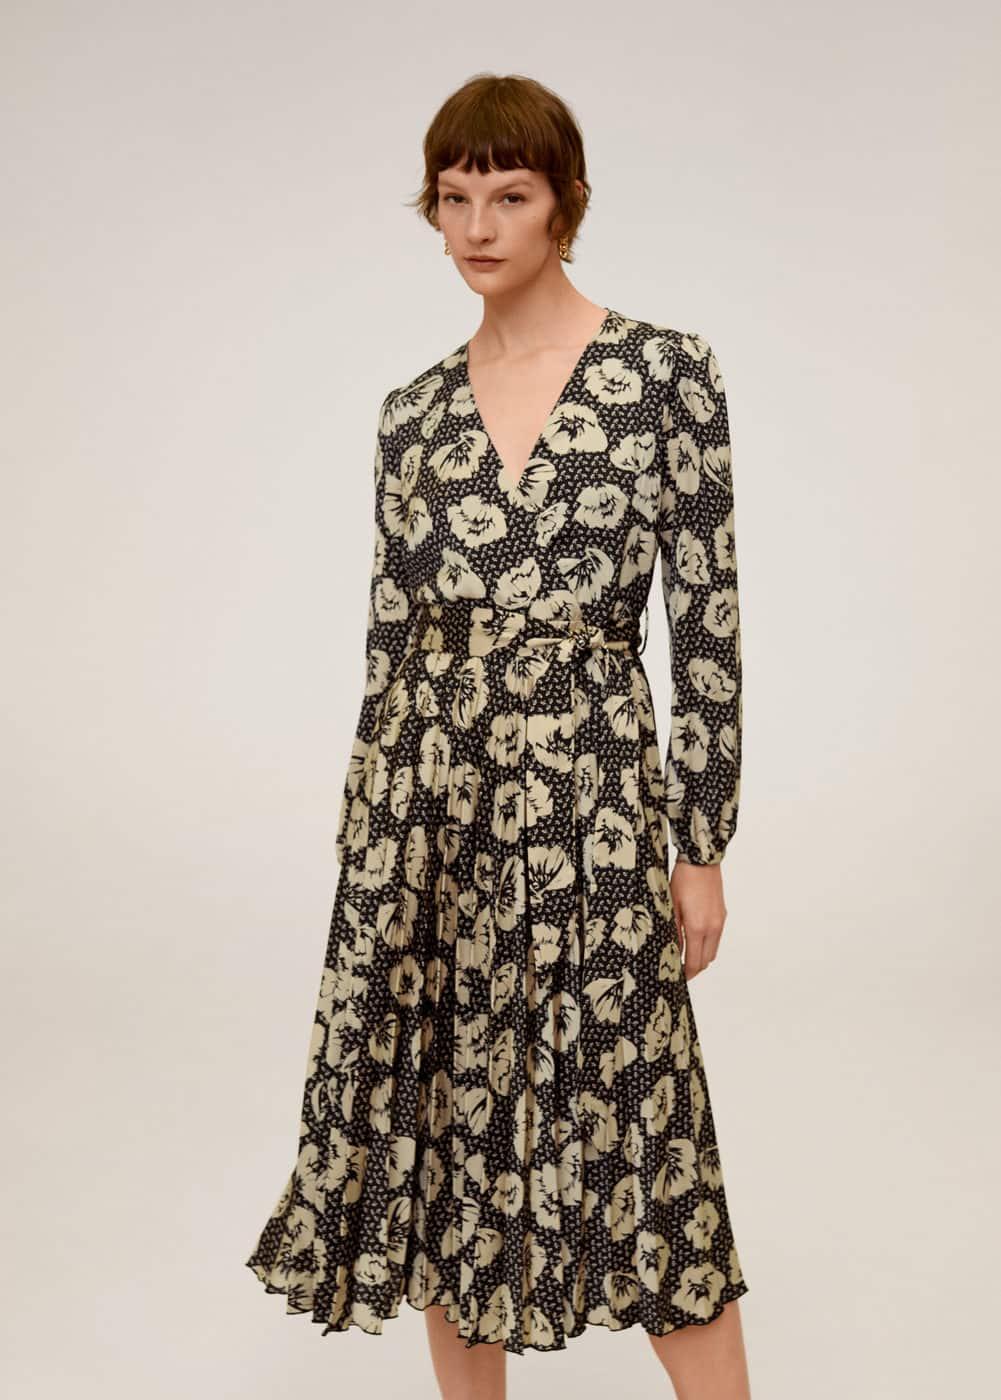 Платье -- -  Женская | Mango МАНГО Россия (Российская Федерация)